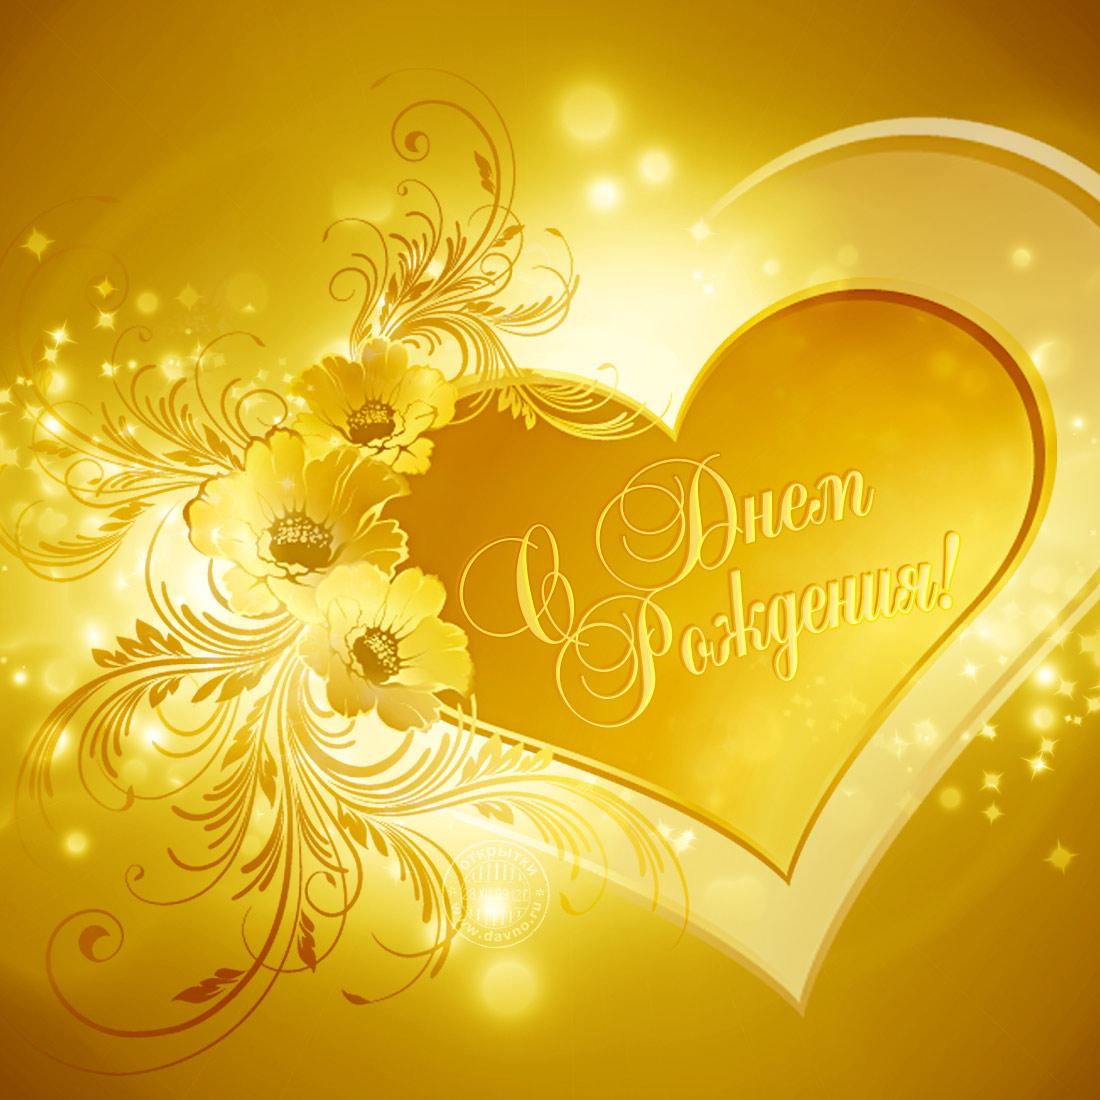 С Днём рожденья любимый, тебя!-Музыкальные открытки